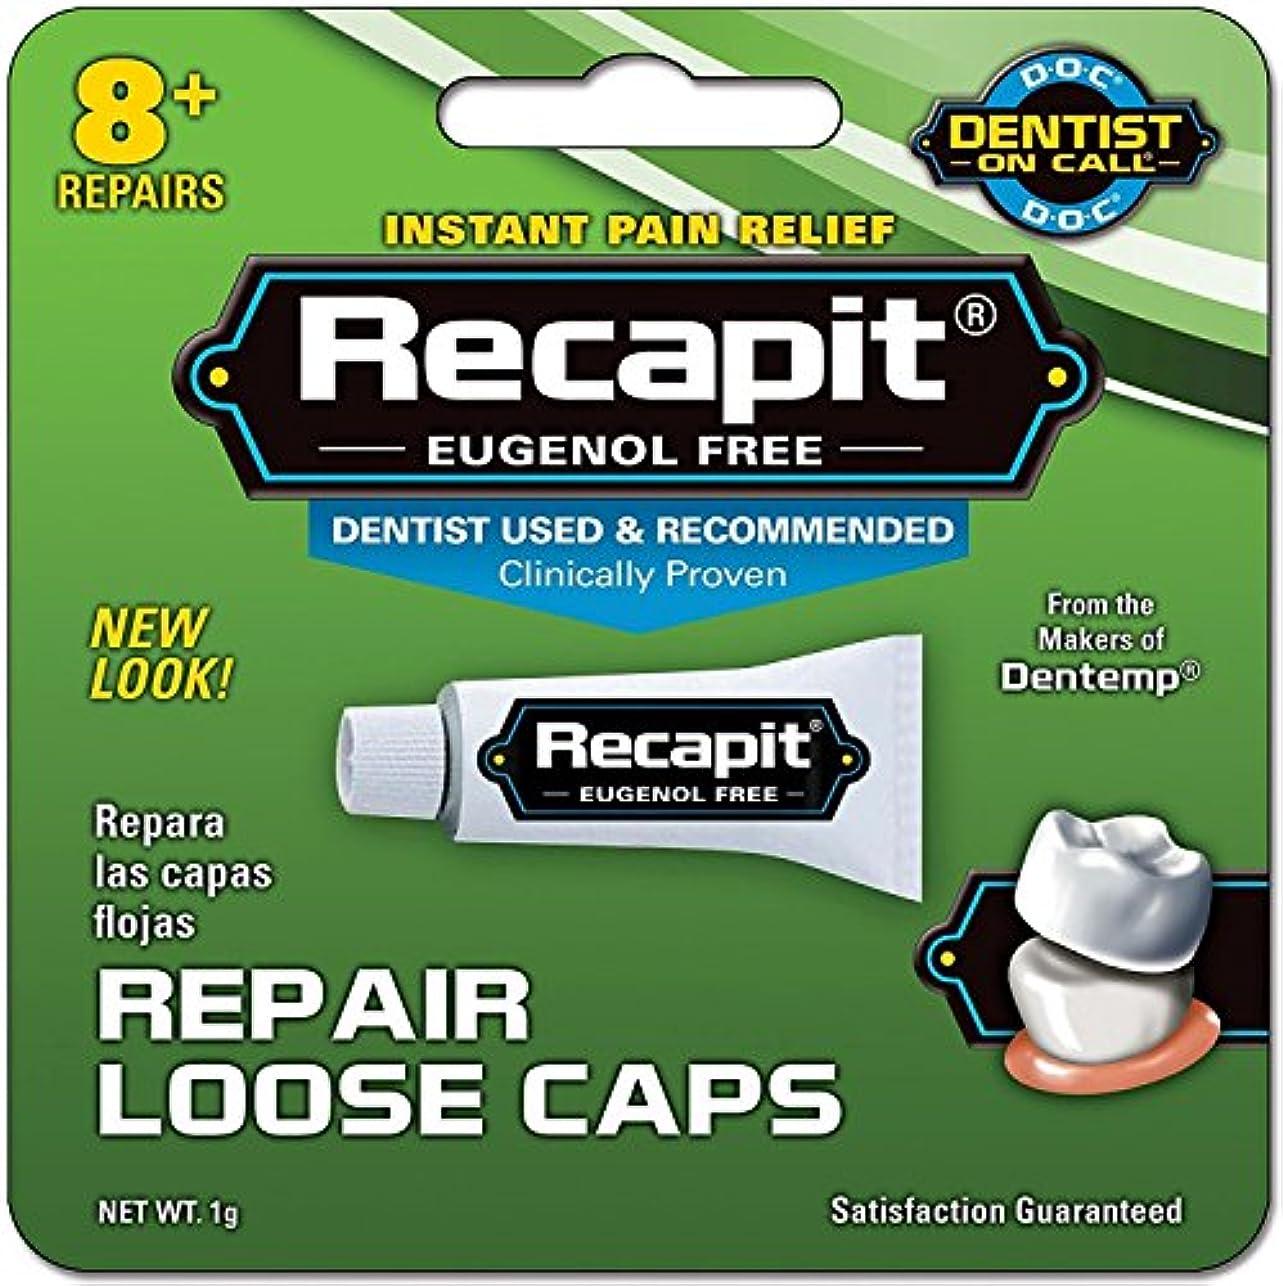 電話クスクス取り出すDoc Recapitルースキャップ歯科修復 - 8つの修理、2パック